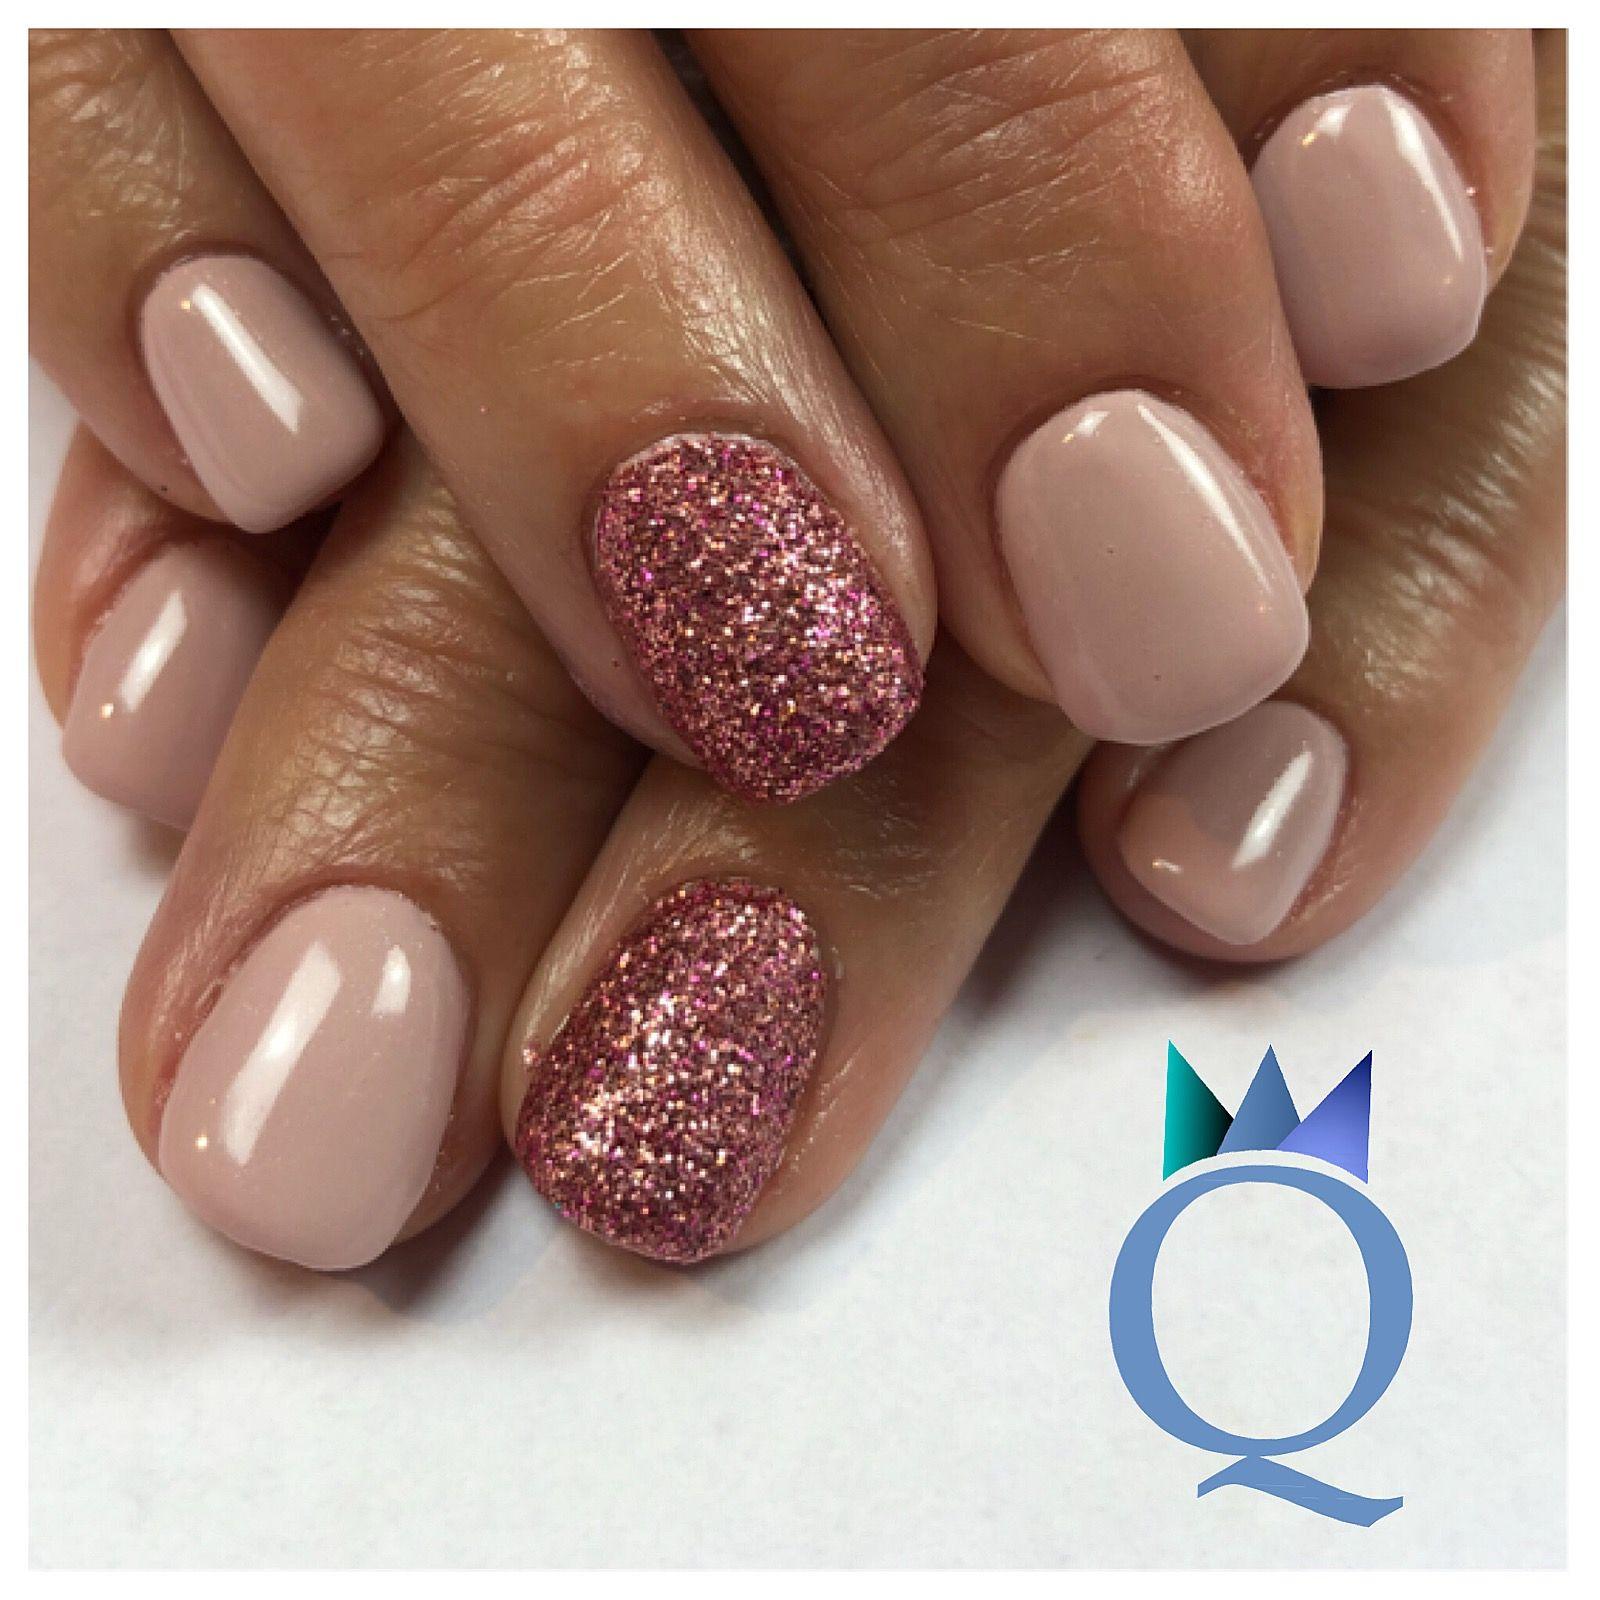 shortnails #gelnails #nails #pink #glitter #kurzenägel #gelnägel ...